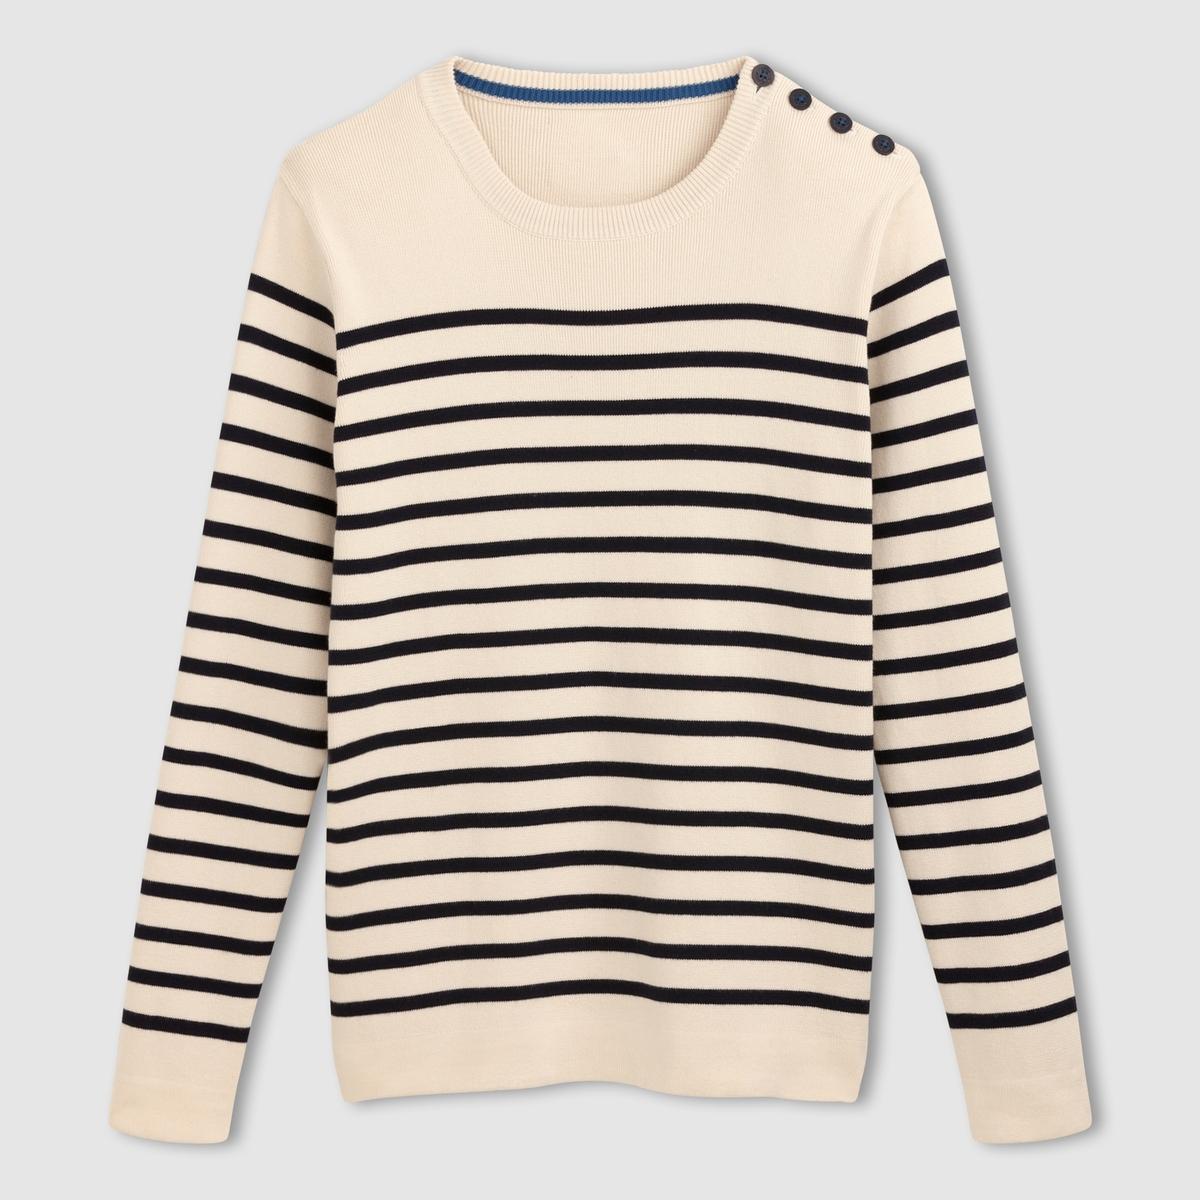 Пуловер в полоску 100% хлопка, с круглым вырезом и пуговицами на плечах